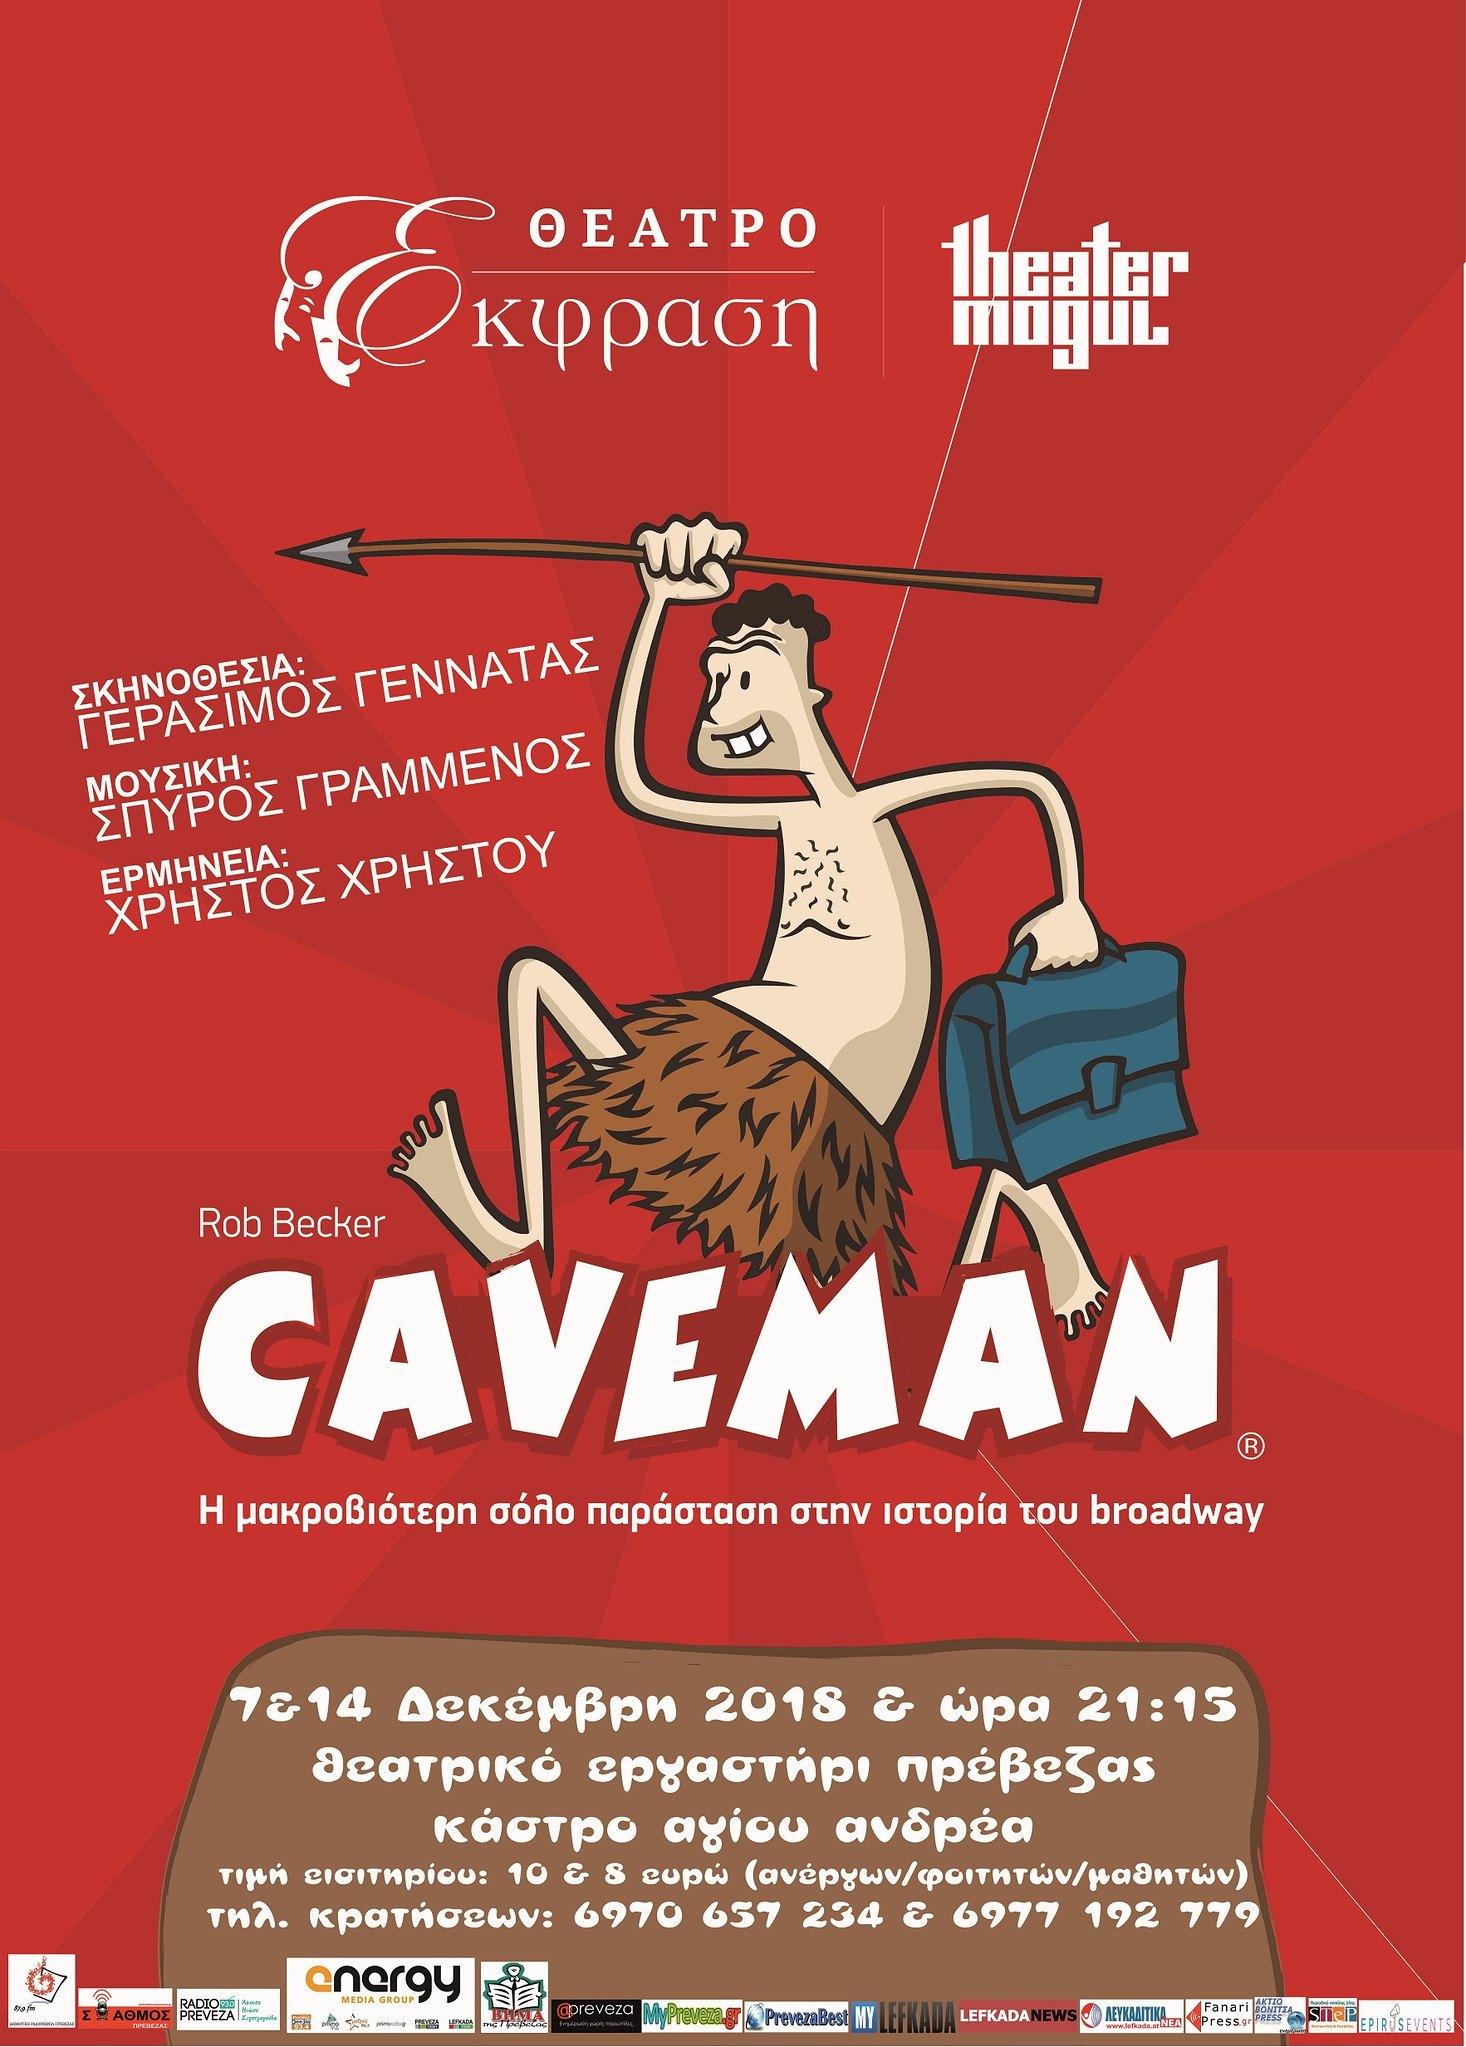 caveman preveza